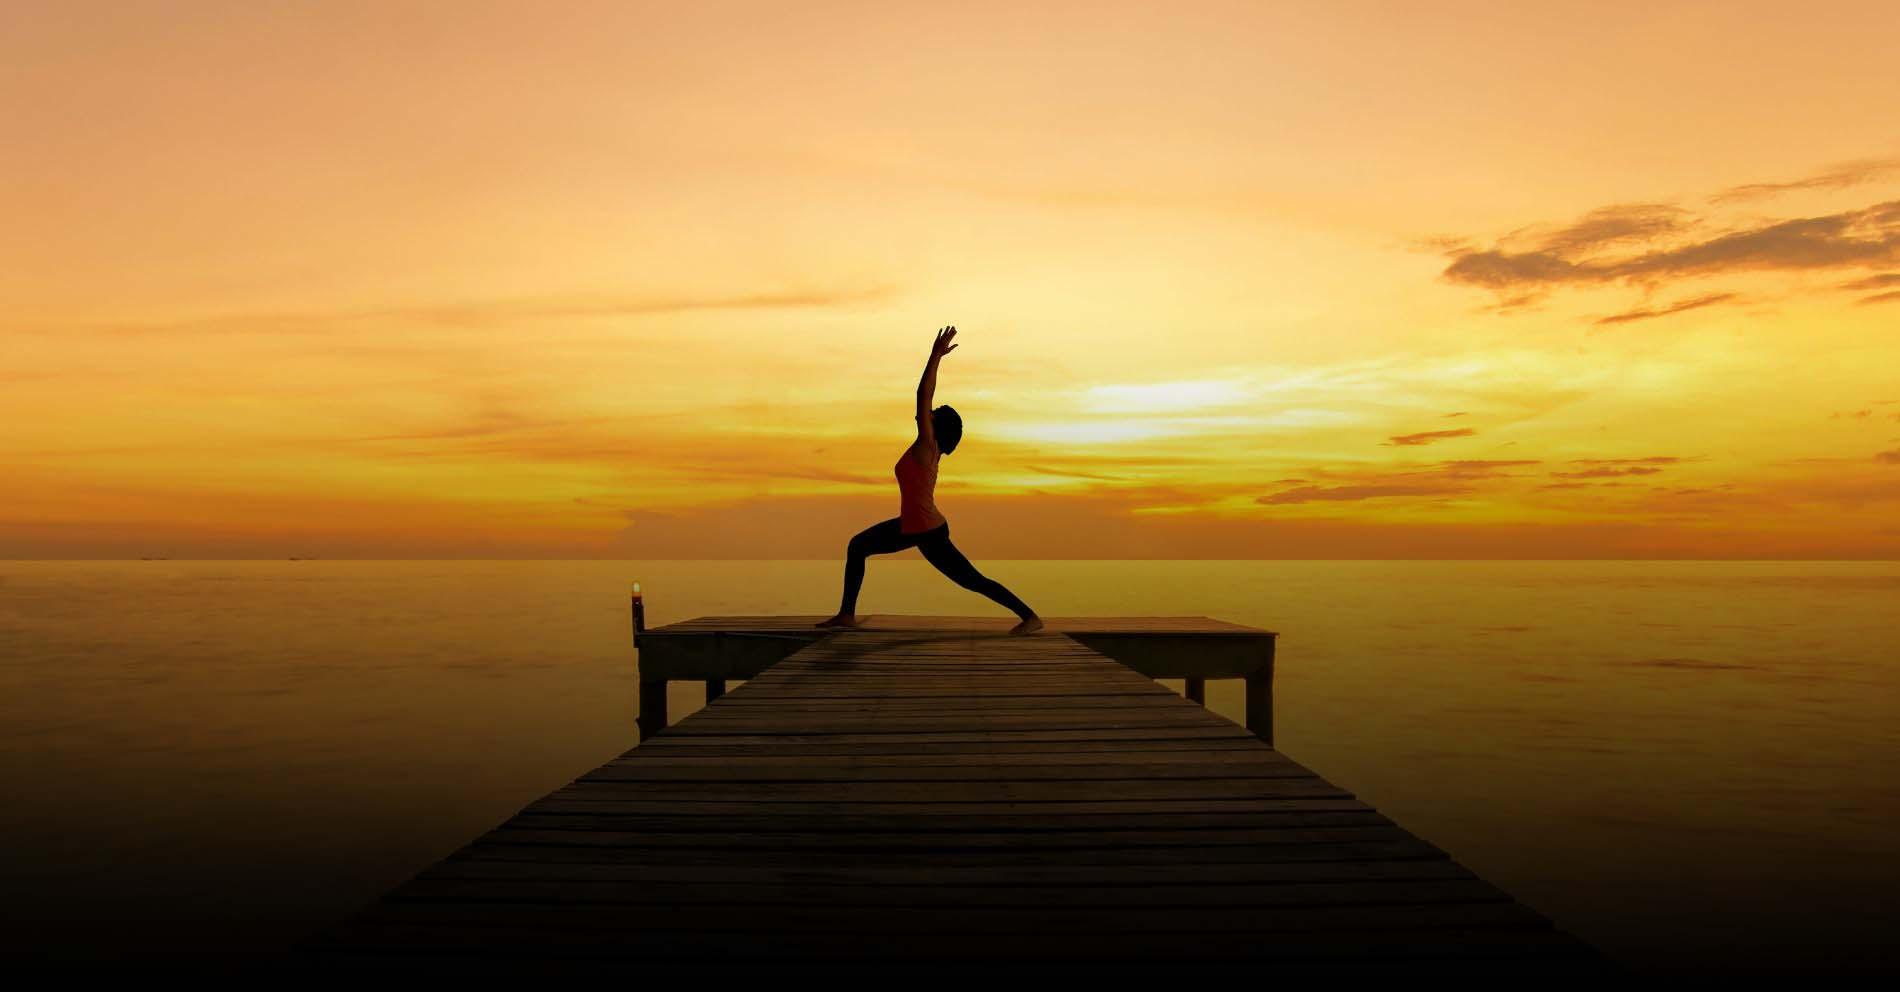 12 Poses of Surya Namaskar and Its Health Benefits